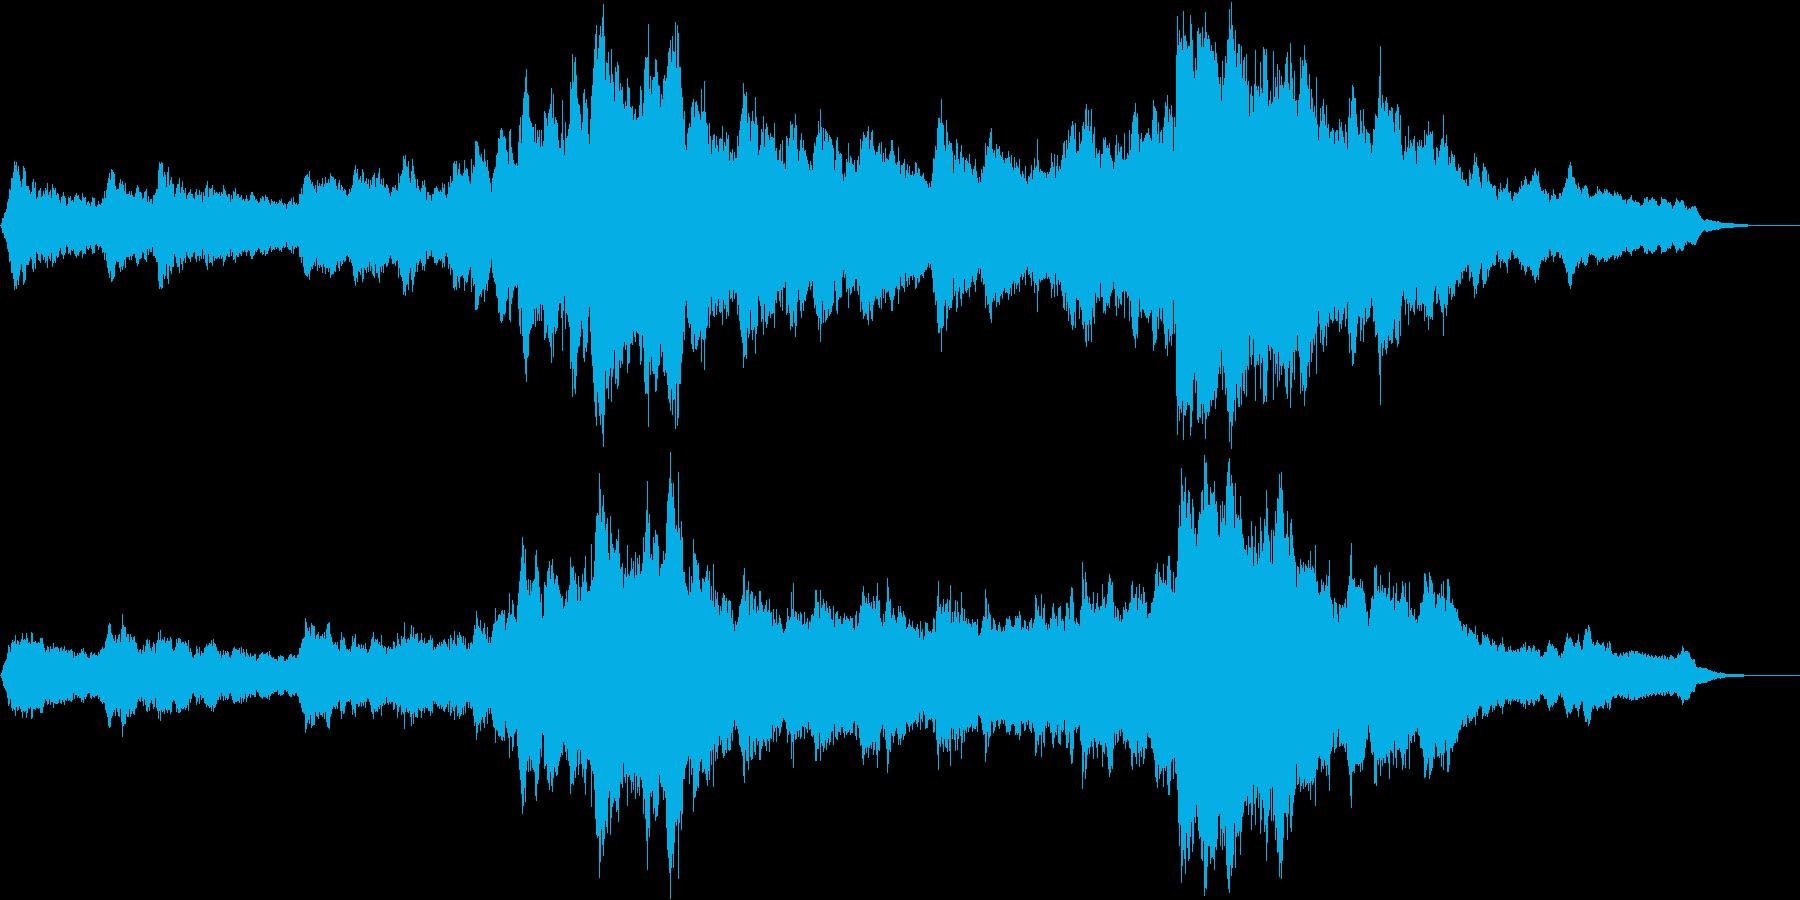 のどかなオーケストラ 田舎 映画 の再生済みの波形